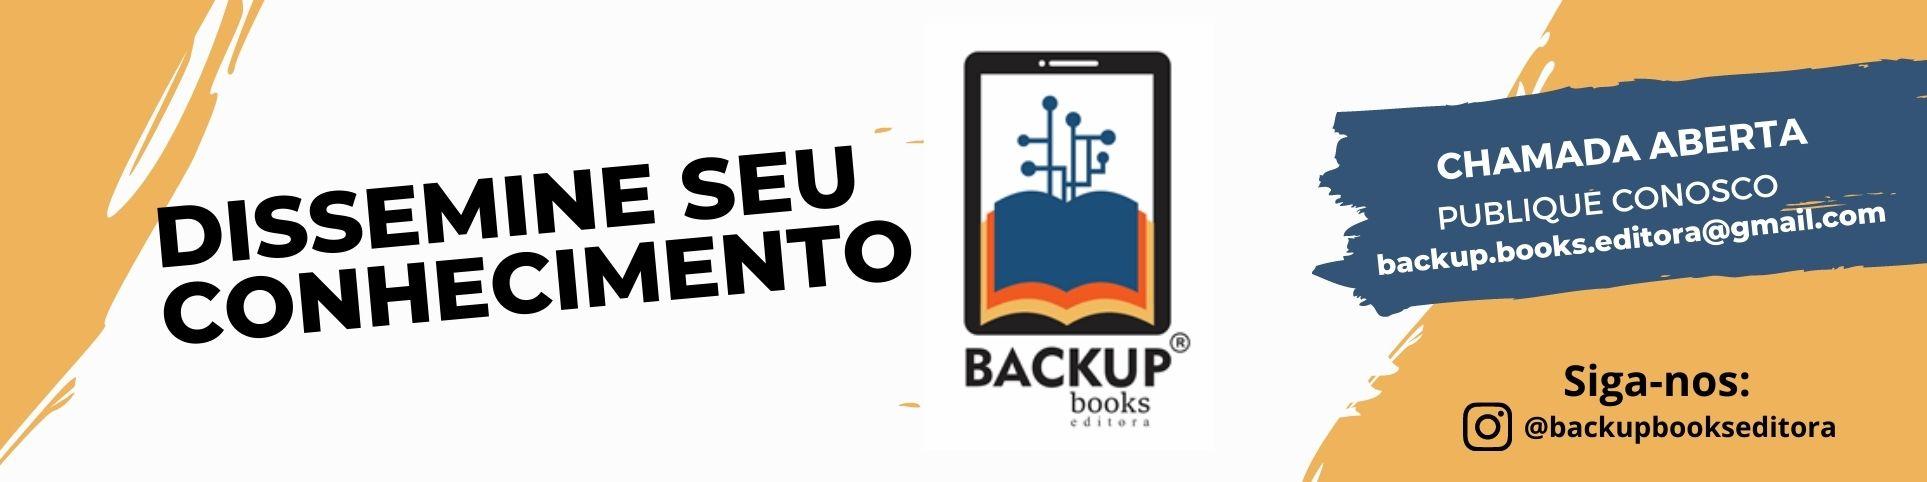 Backup Books Editora